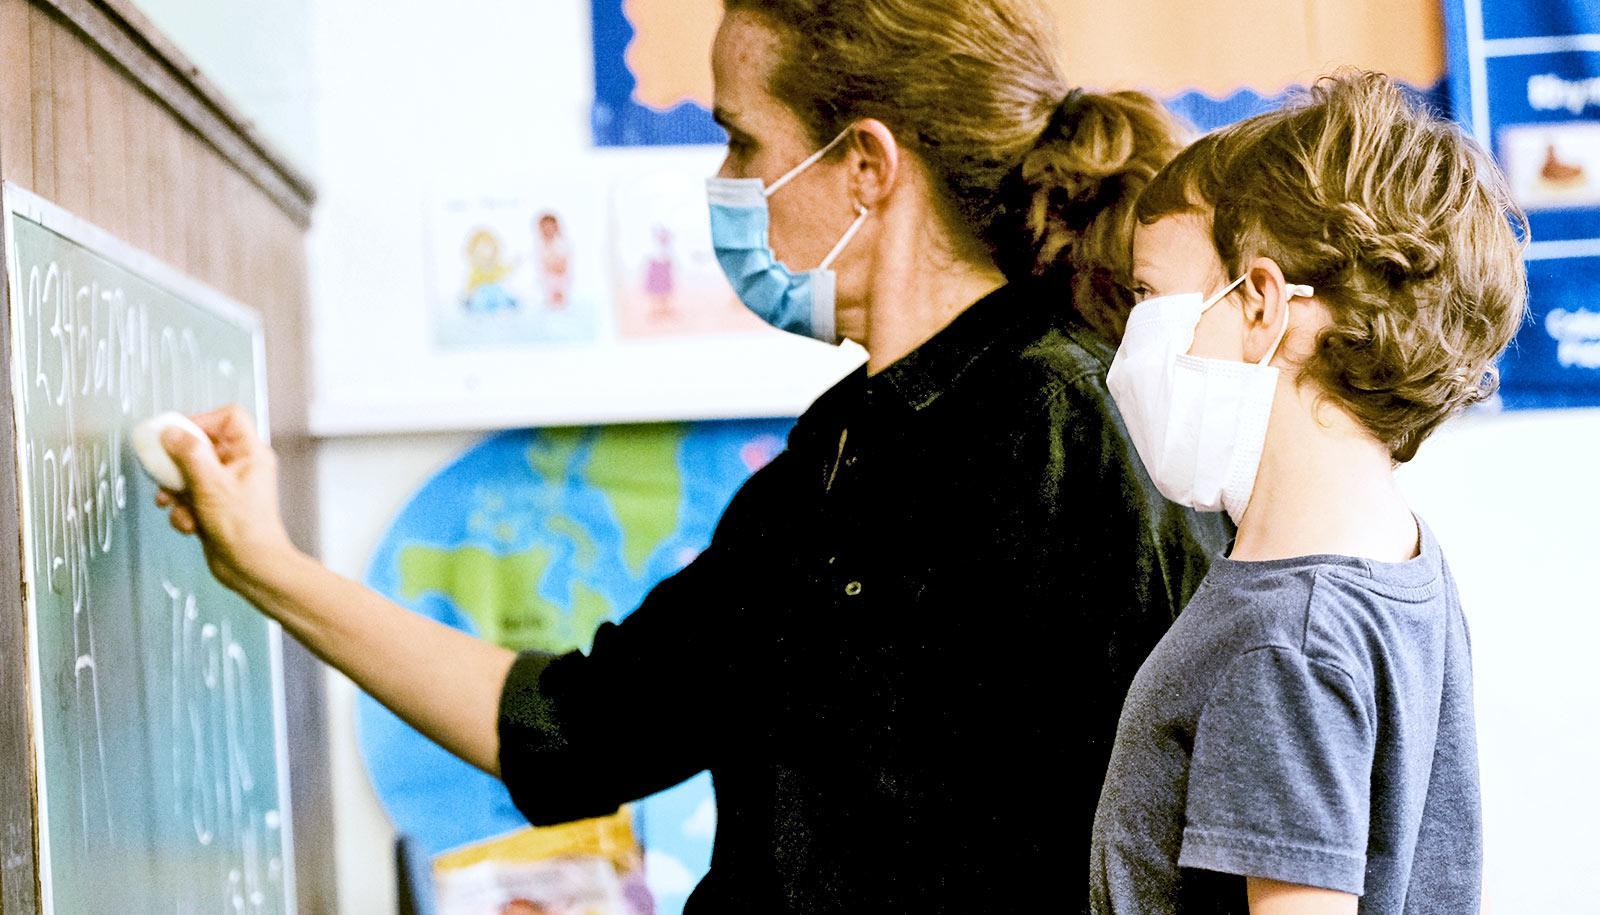 A preschool teacher kneels at a chalkboard next to a young boy